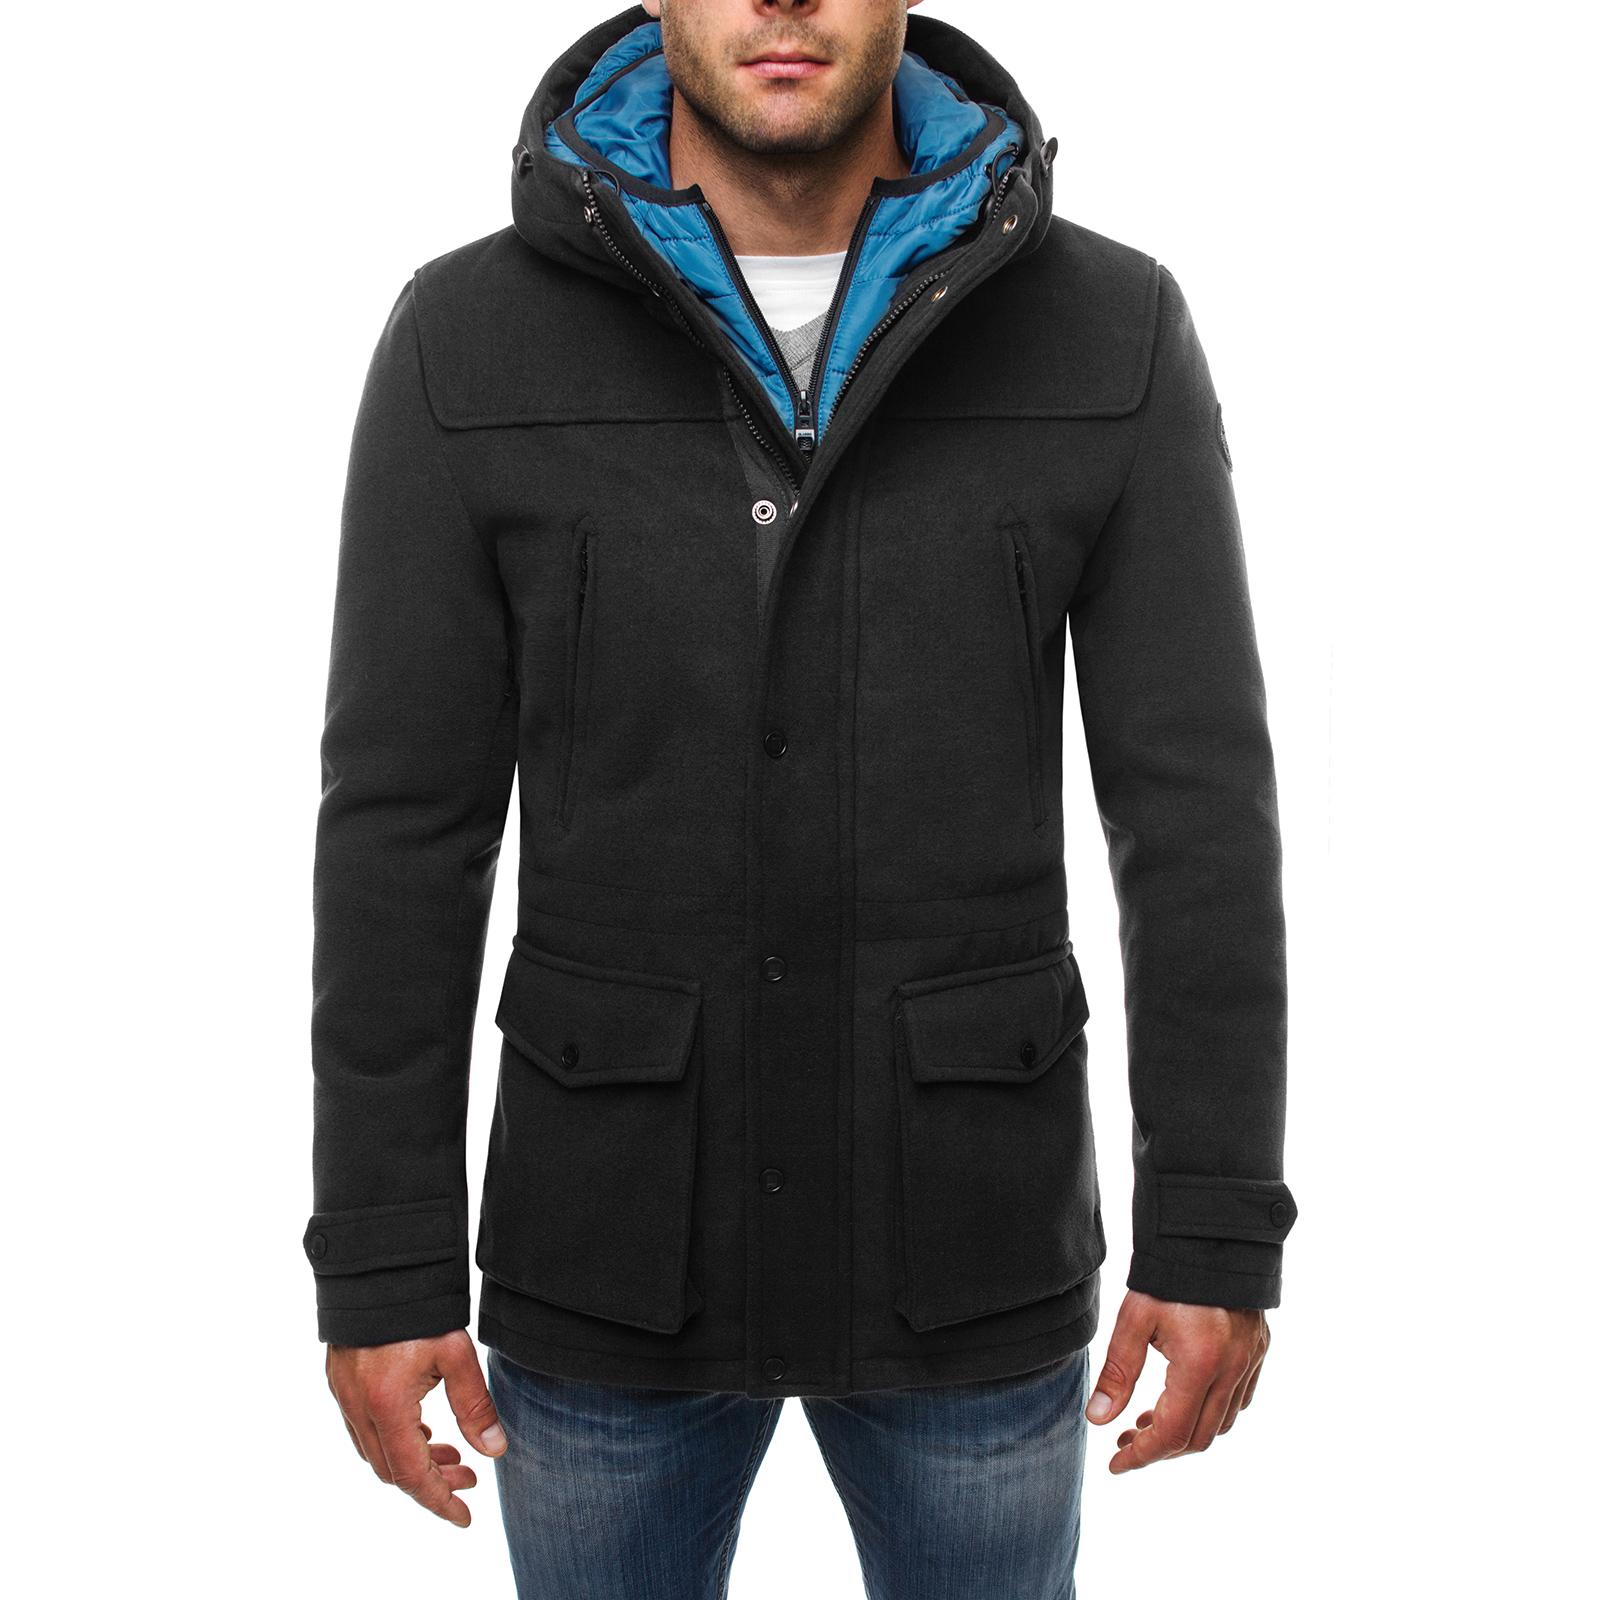 294e532387 Dettagli su OZONEE J.STYLE Giacca Invernale Uomo Parka giacca sportiva  cappotto parka mix